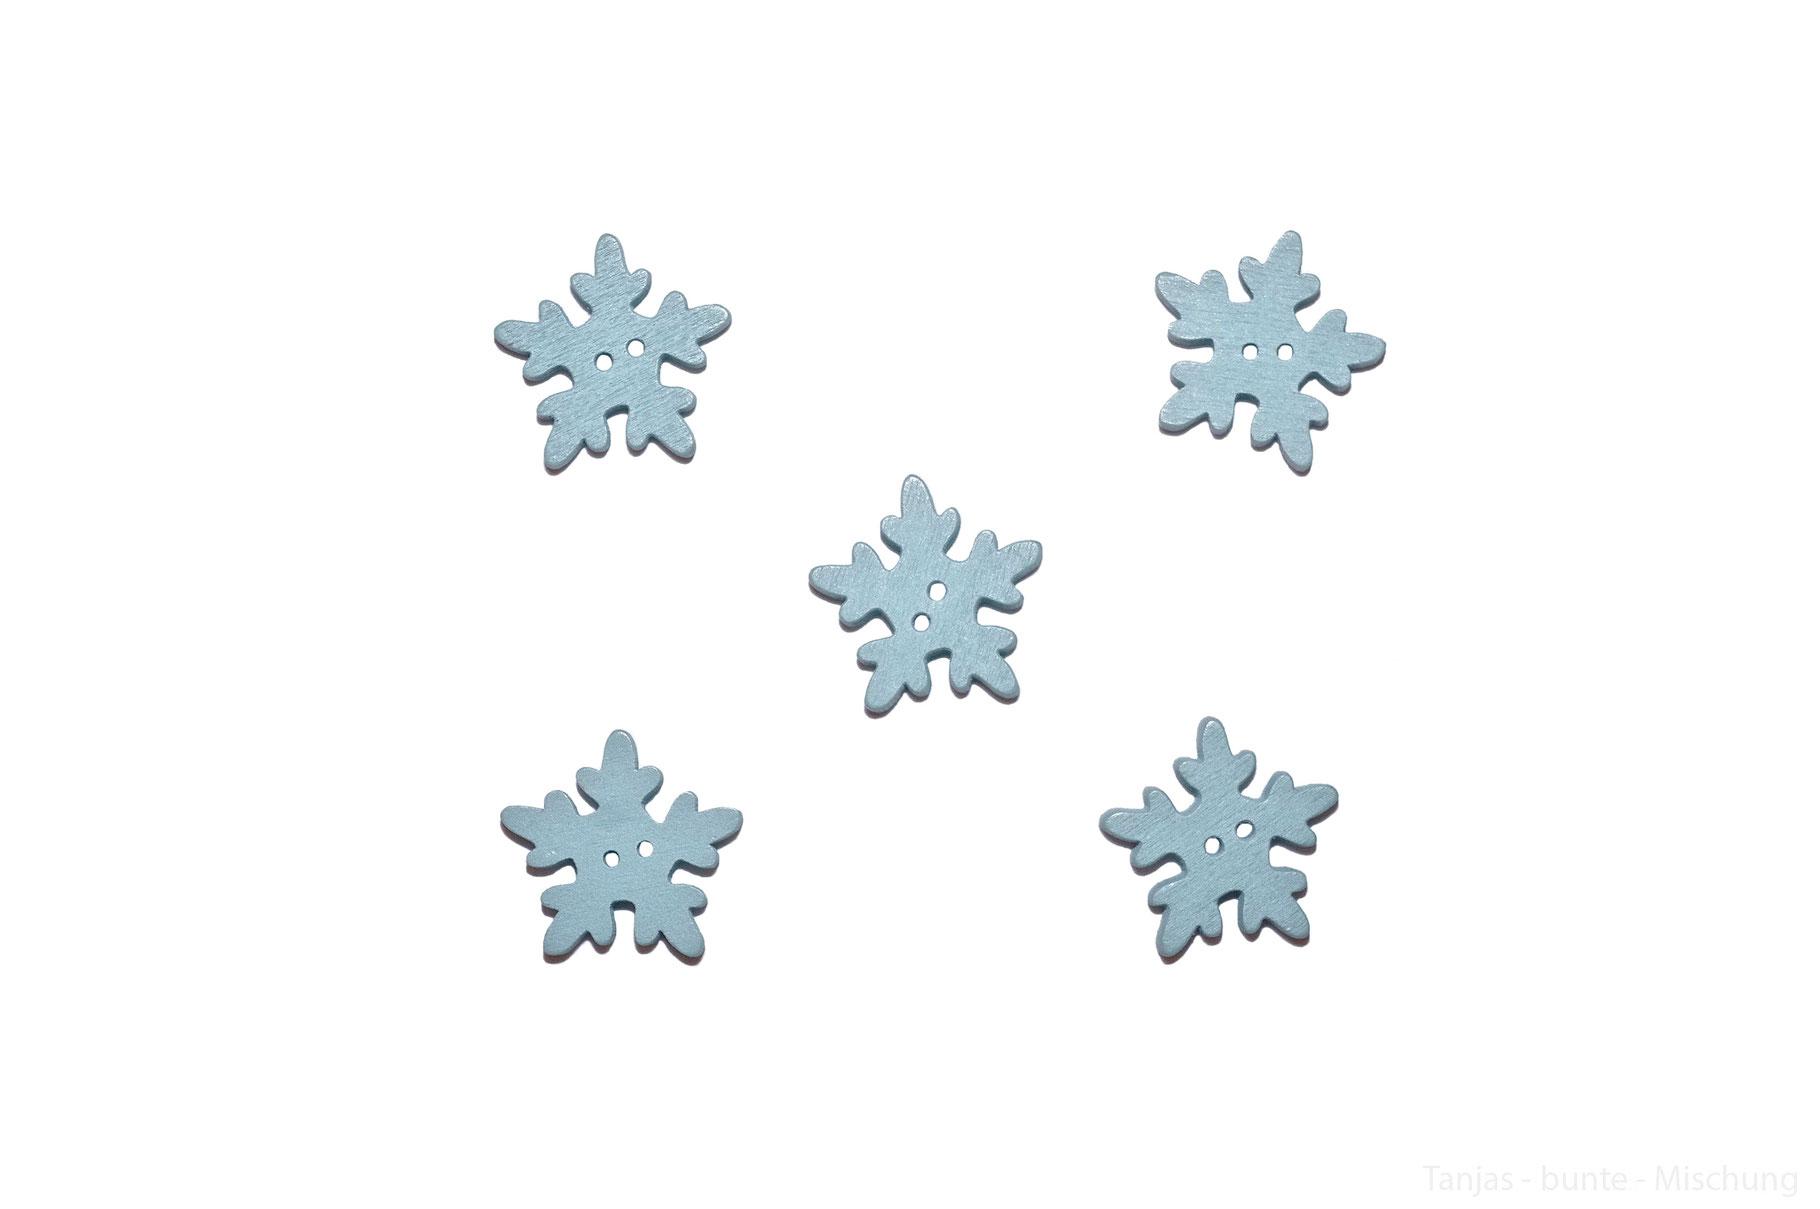 Kinderknöpfe Kinderknopf Holzknöpfe Knöpfe Knopf Schneeflocken Violet 26 mm